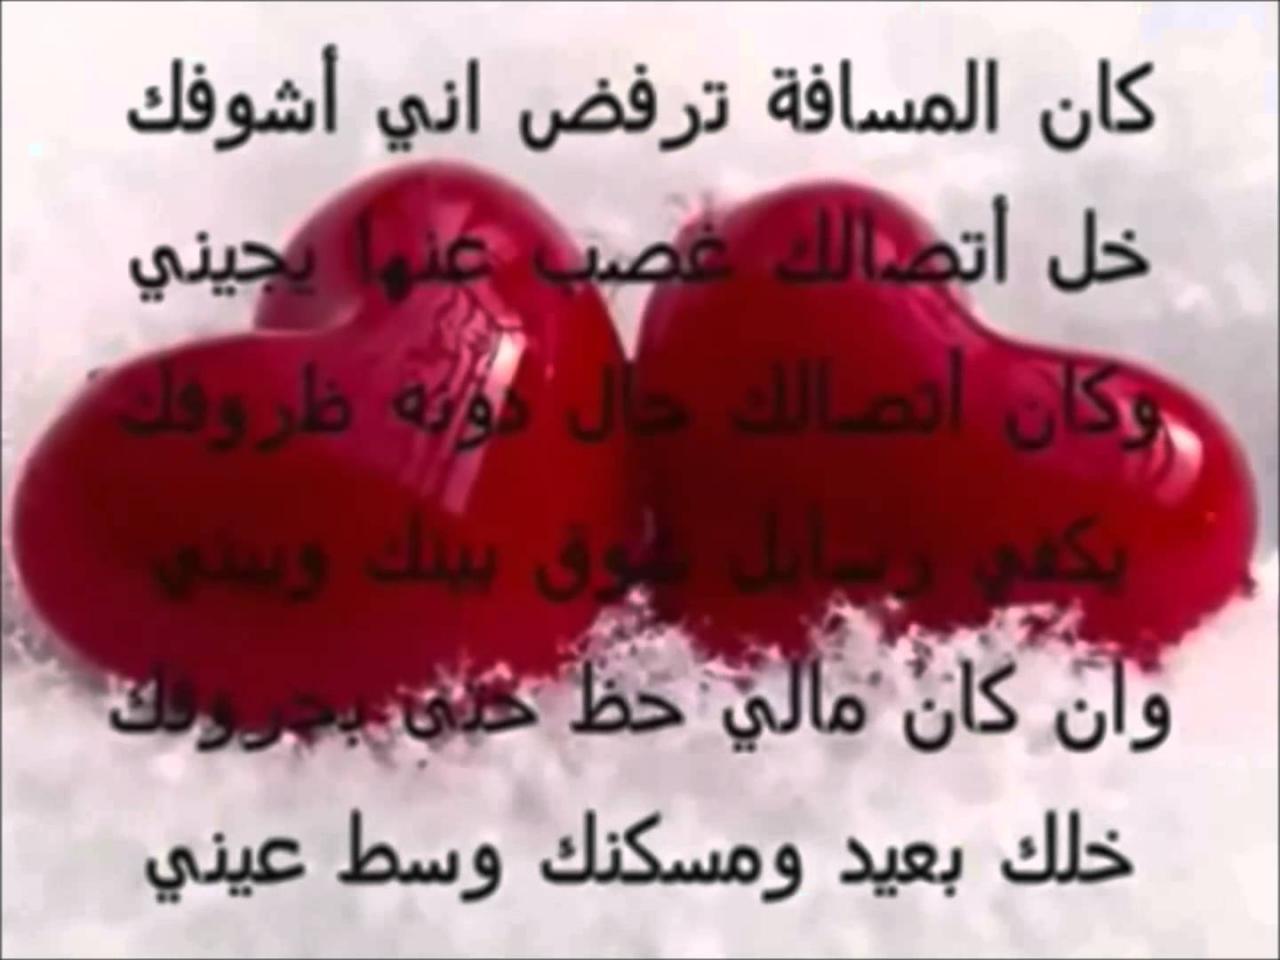 صور عن الحب والغرام صور حب رومانسية جميلة 14